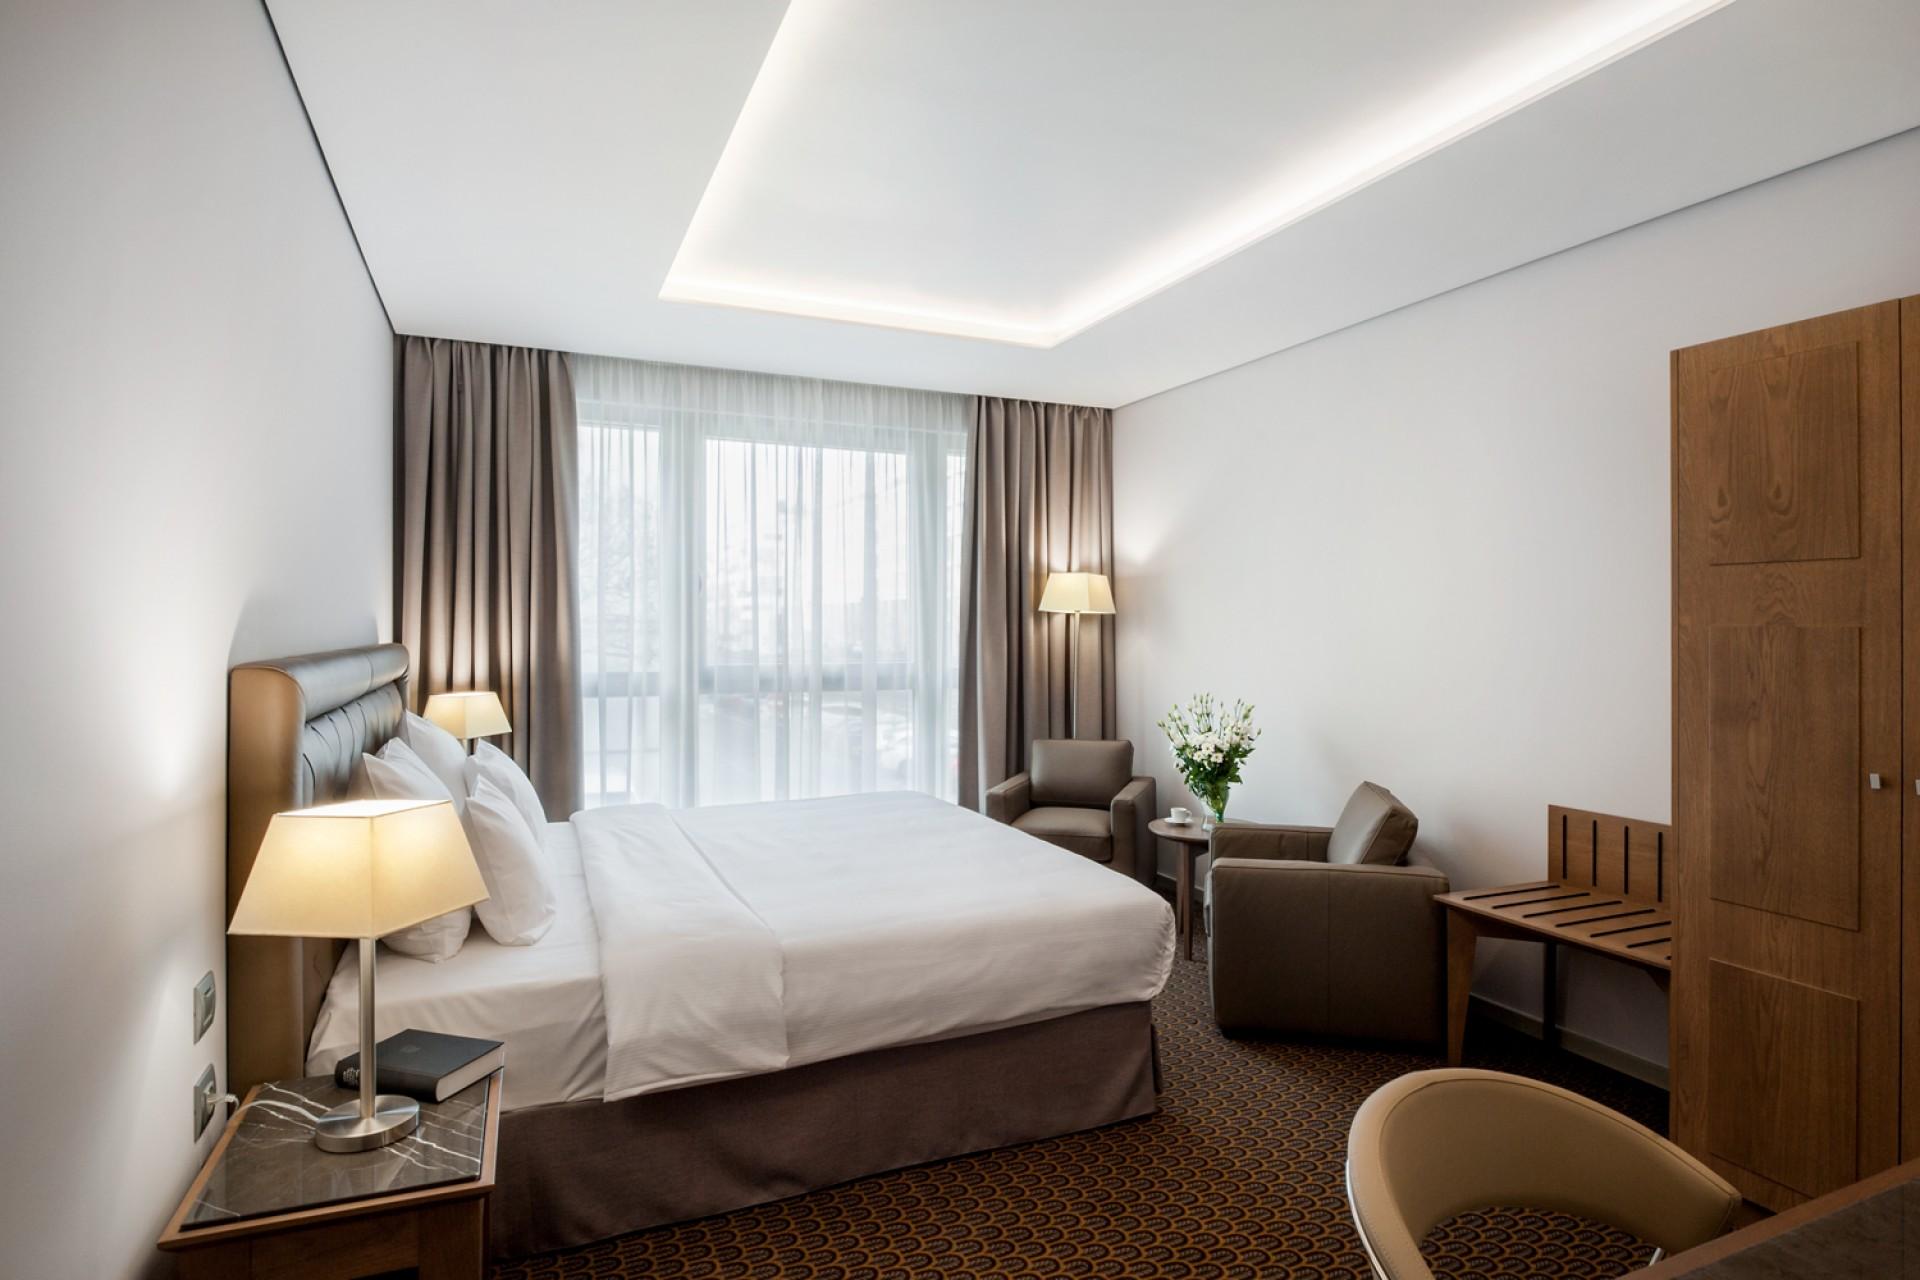 hotel-royal-prague-1-_1488461922_1920x1280_tt_90